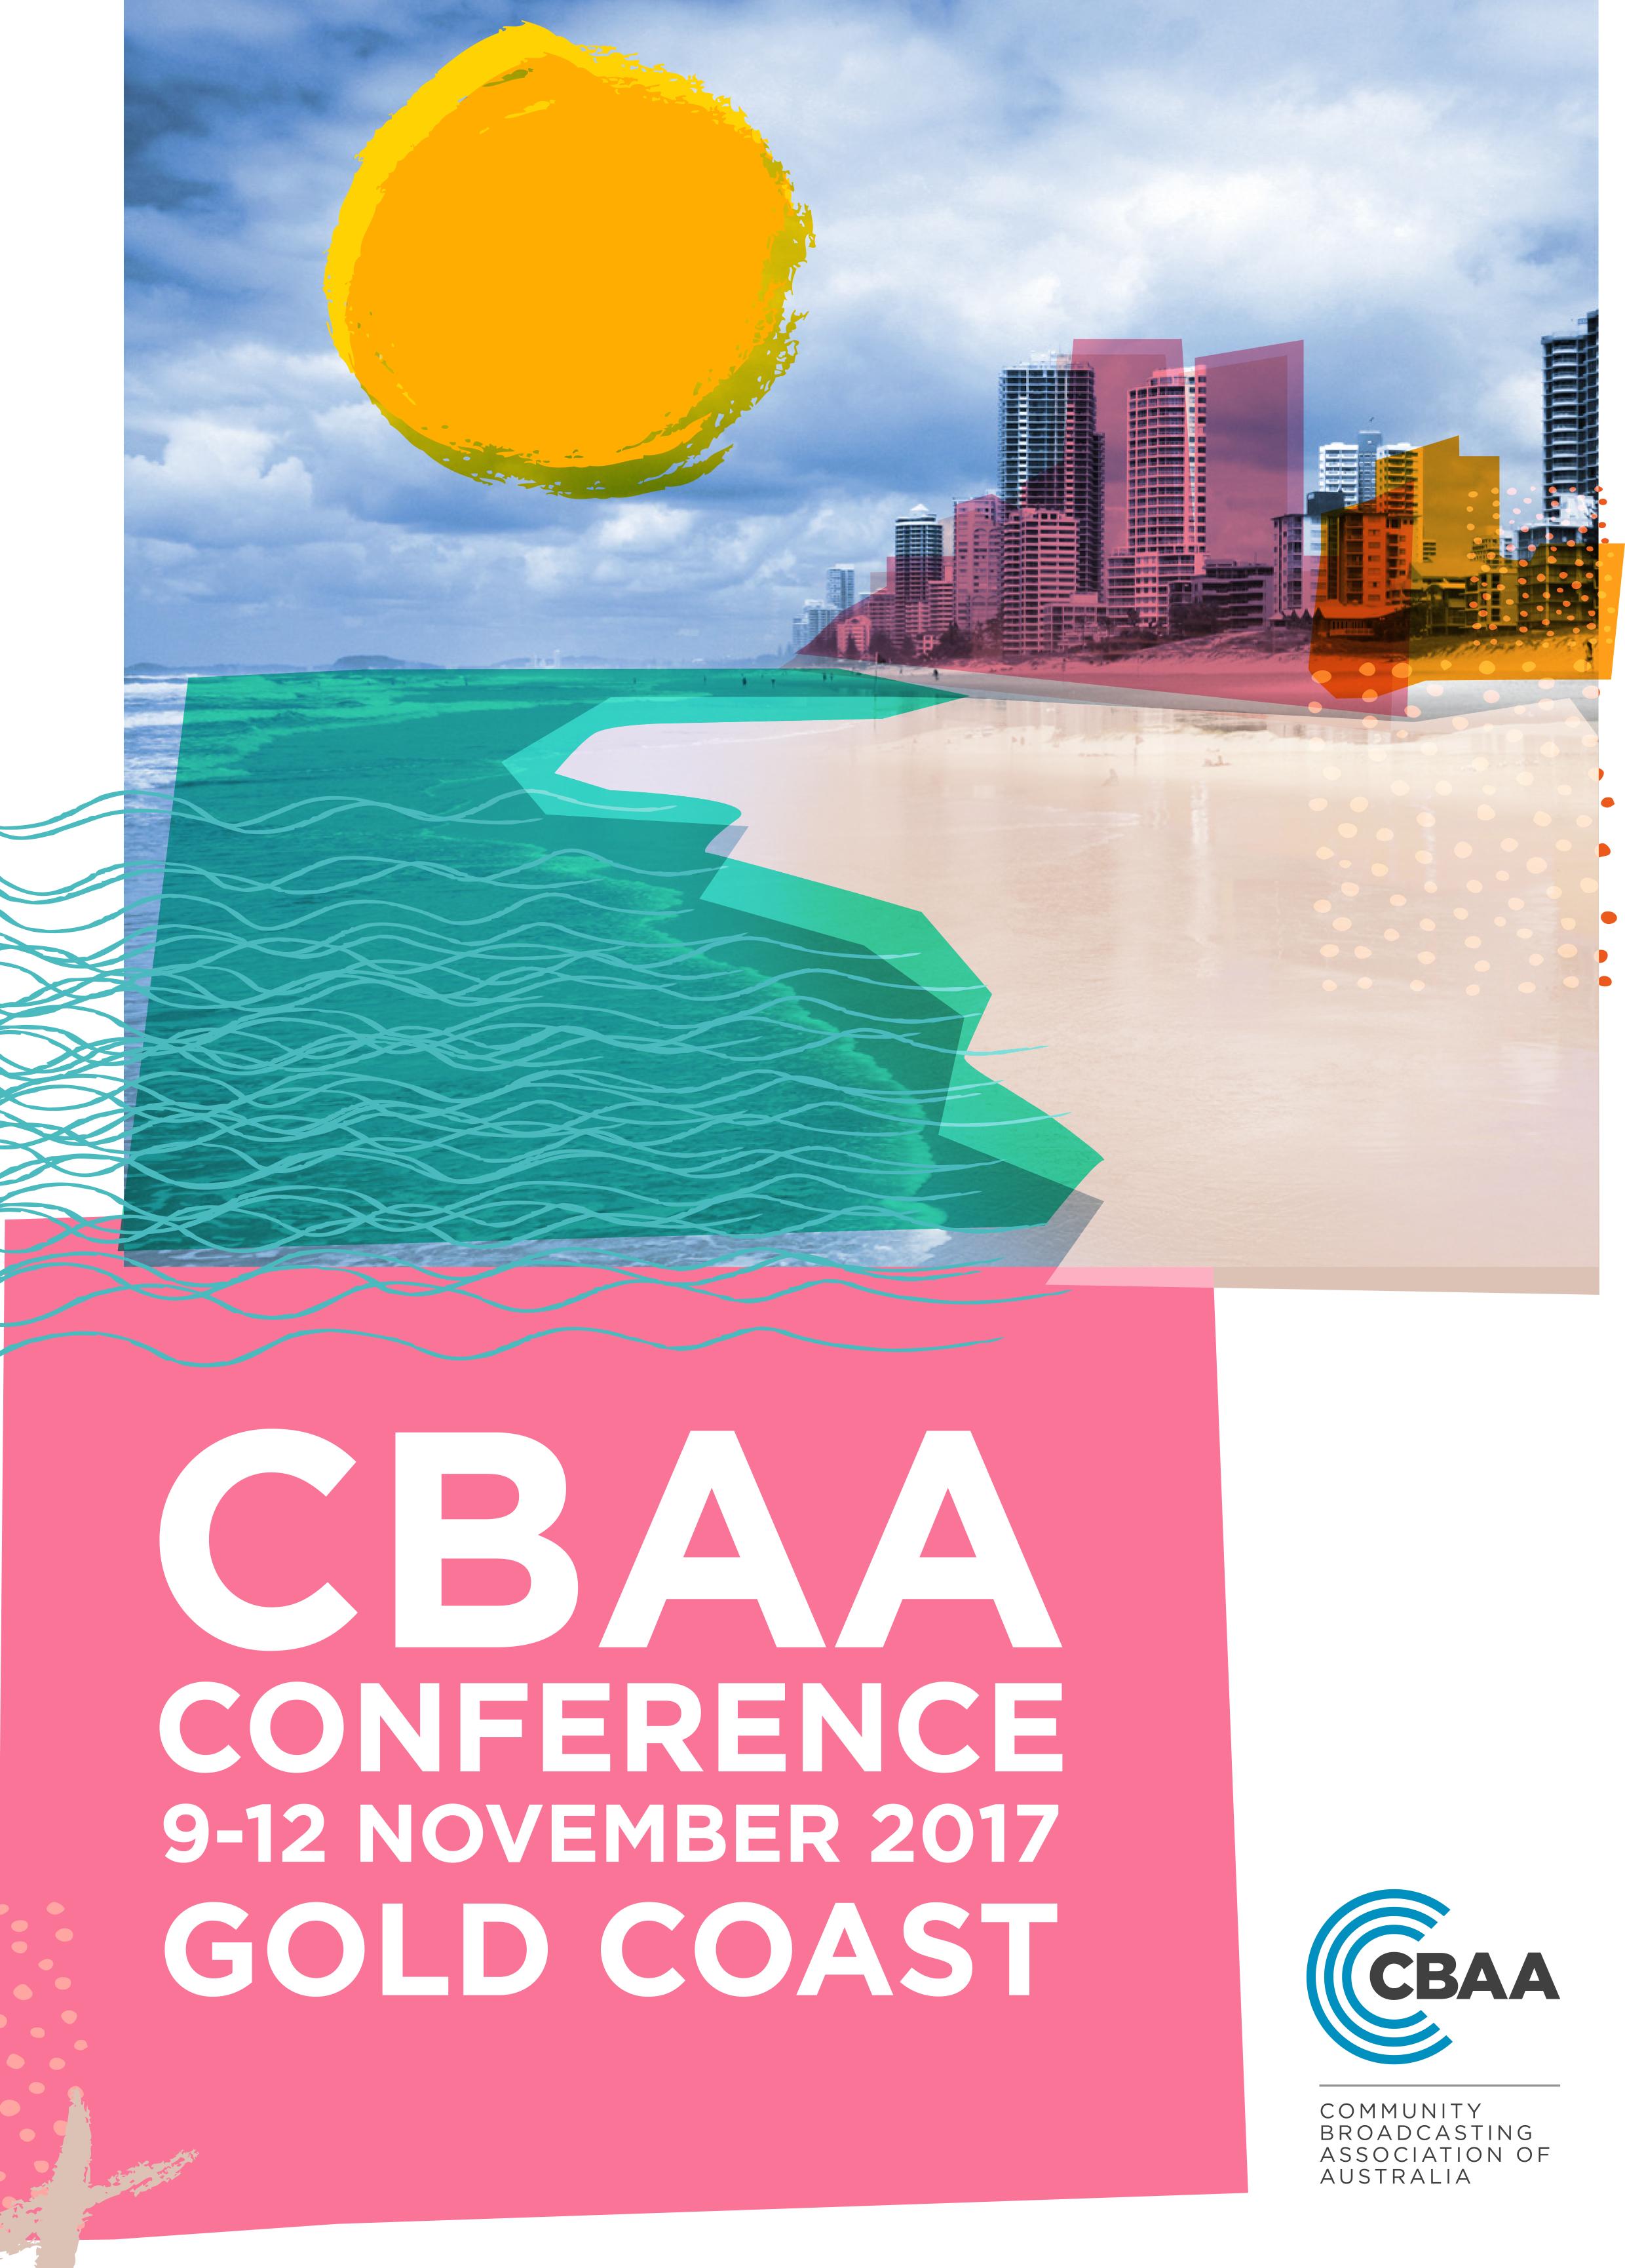 CBAA Conference Program